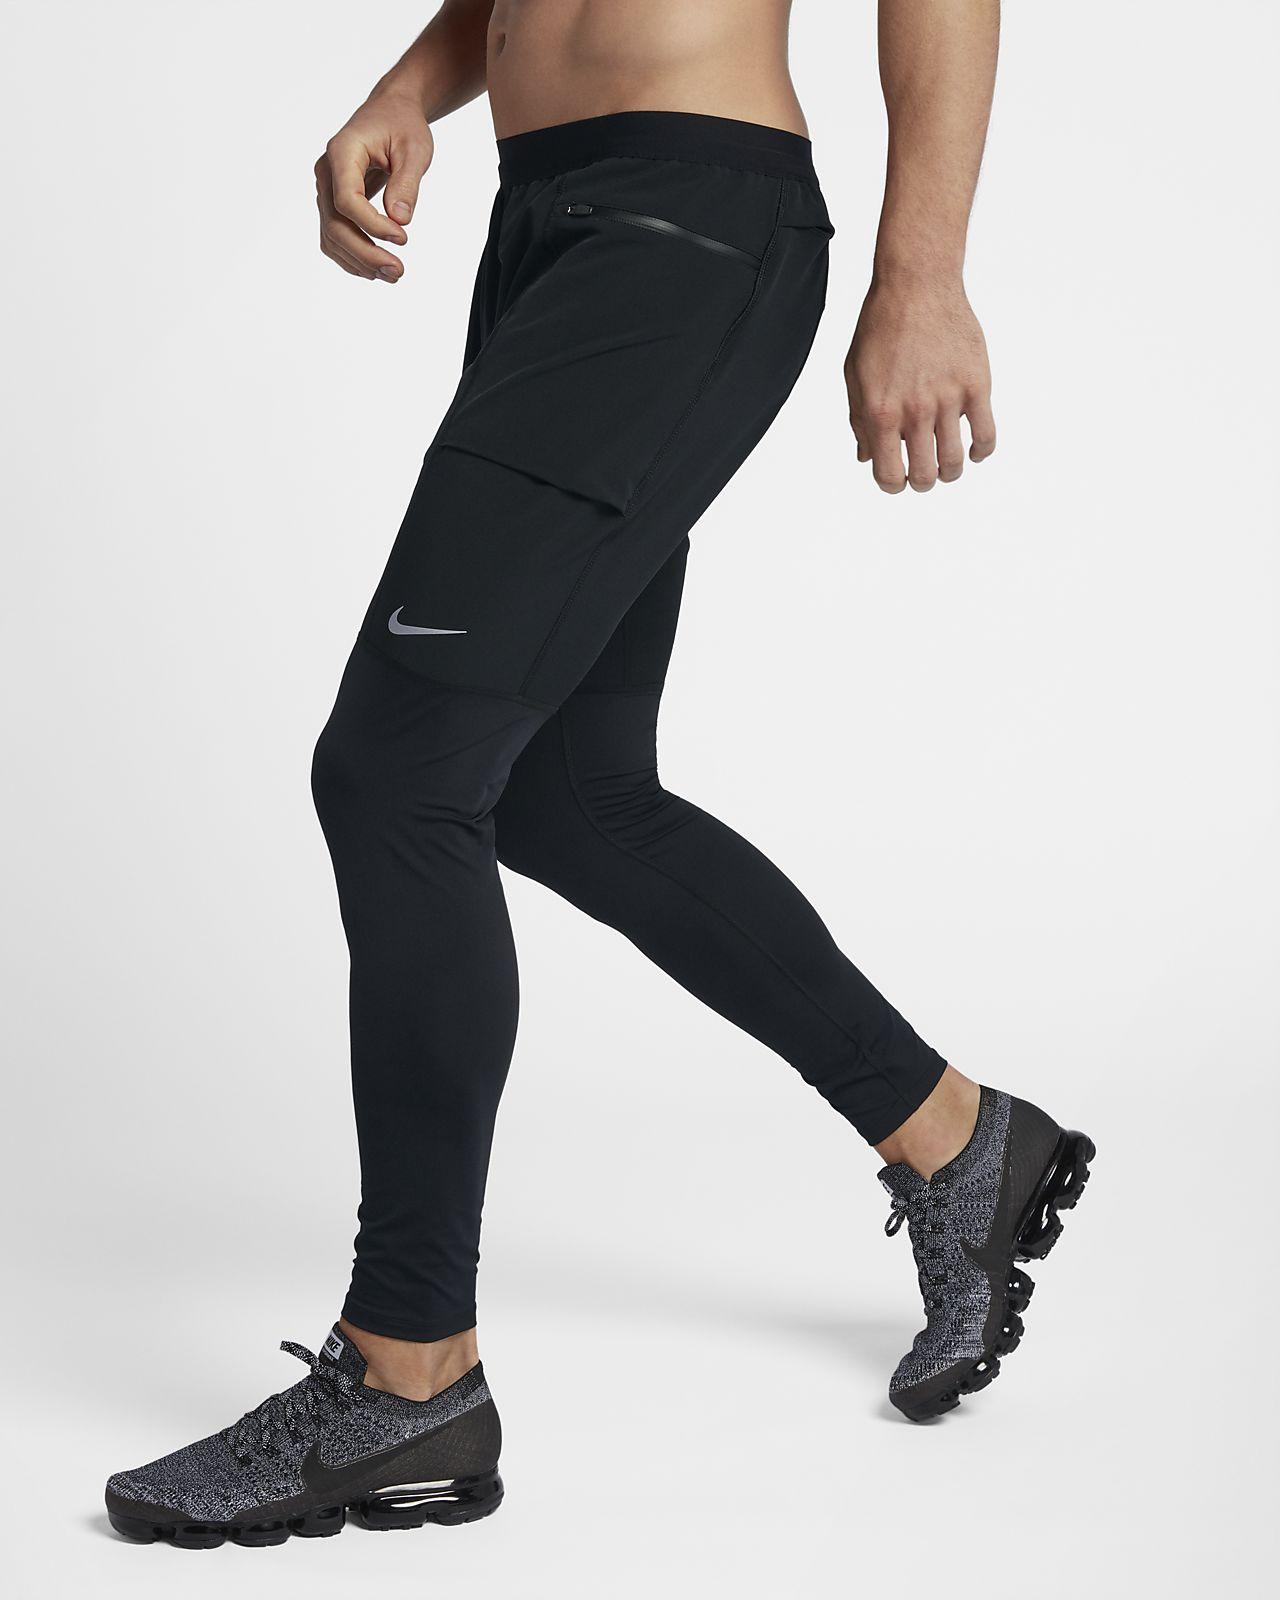 6ae970745dc5fd Nike Utility Herren-Laufhose. Nike.com DE